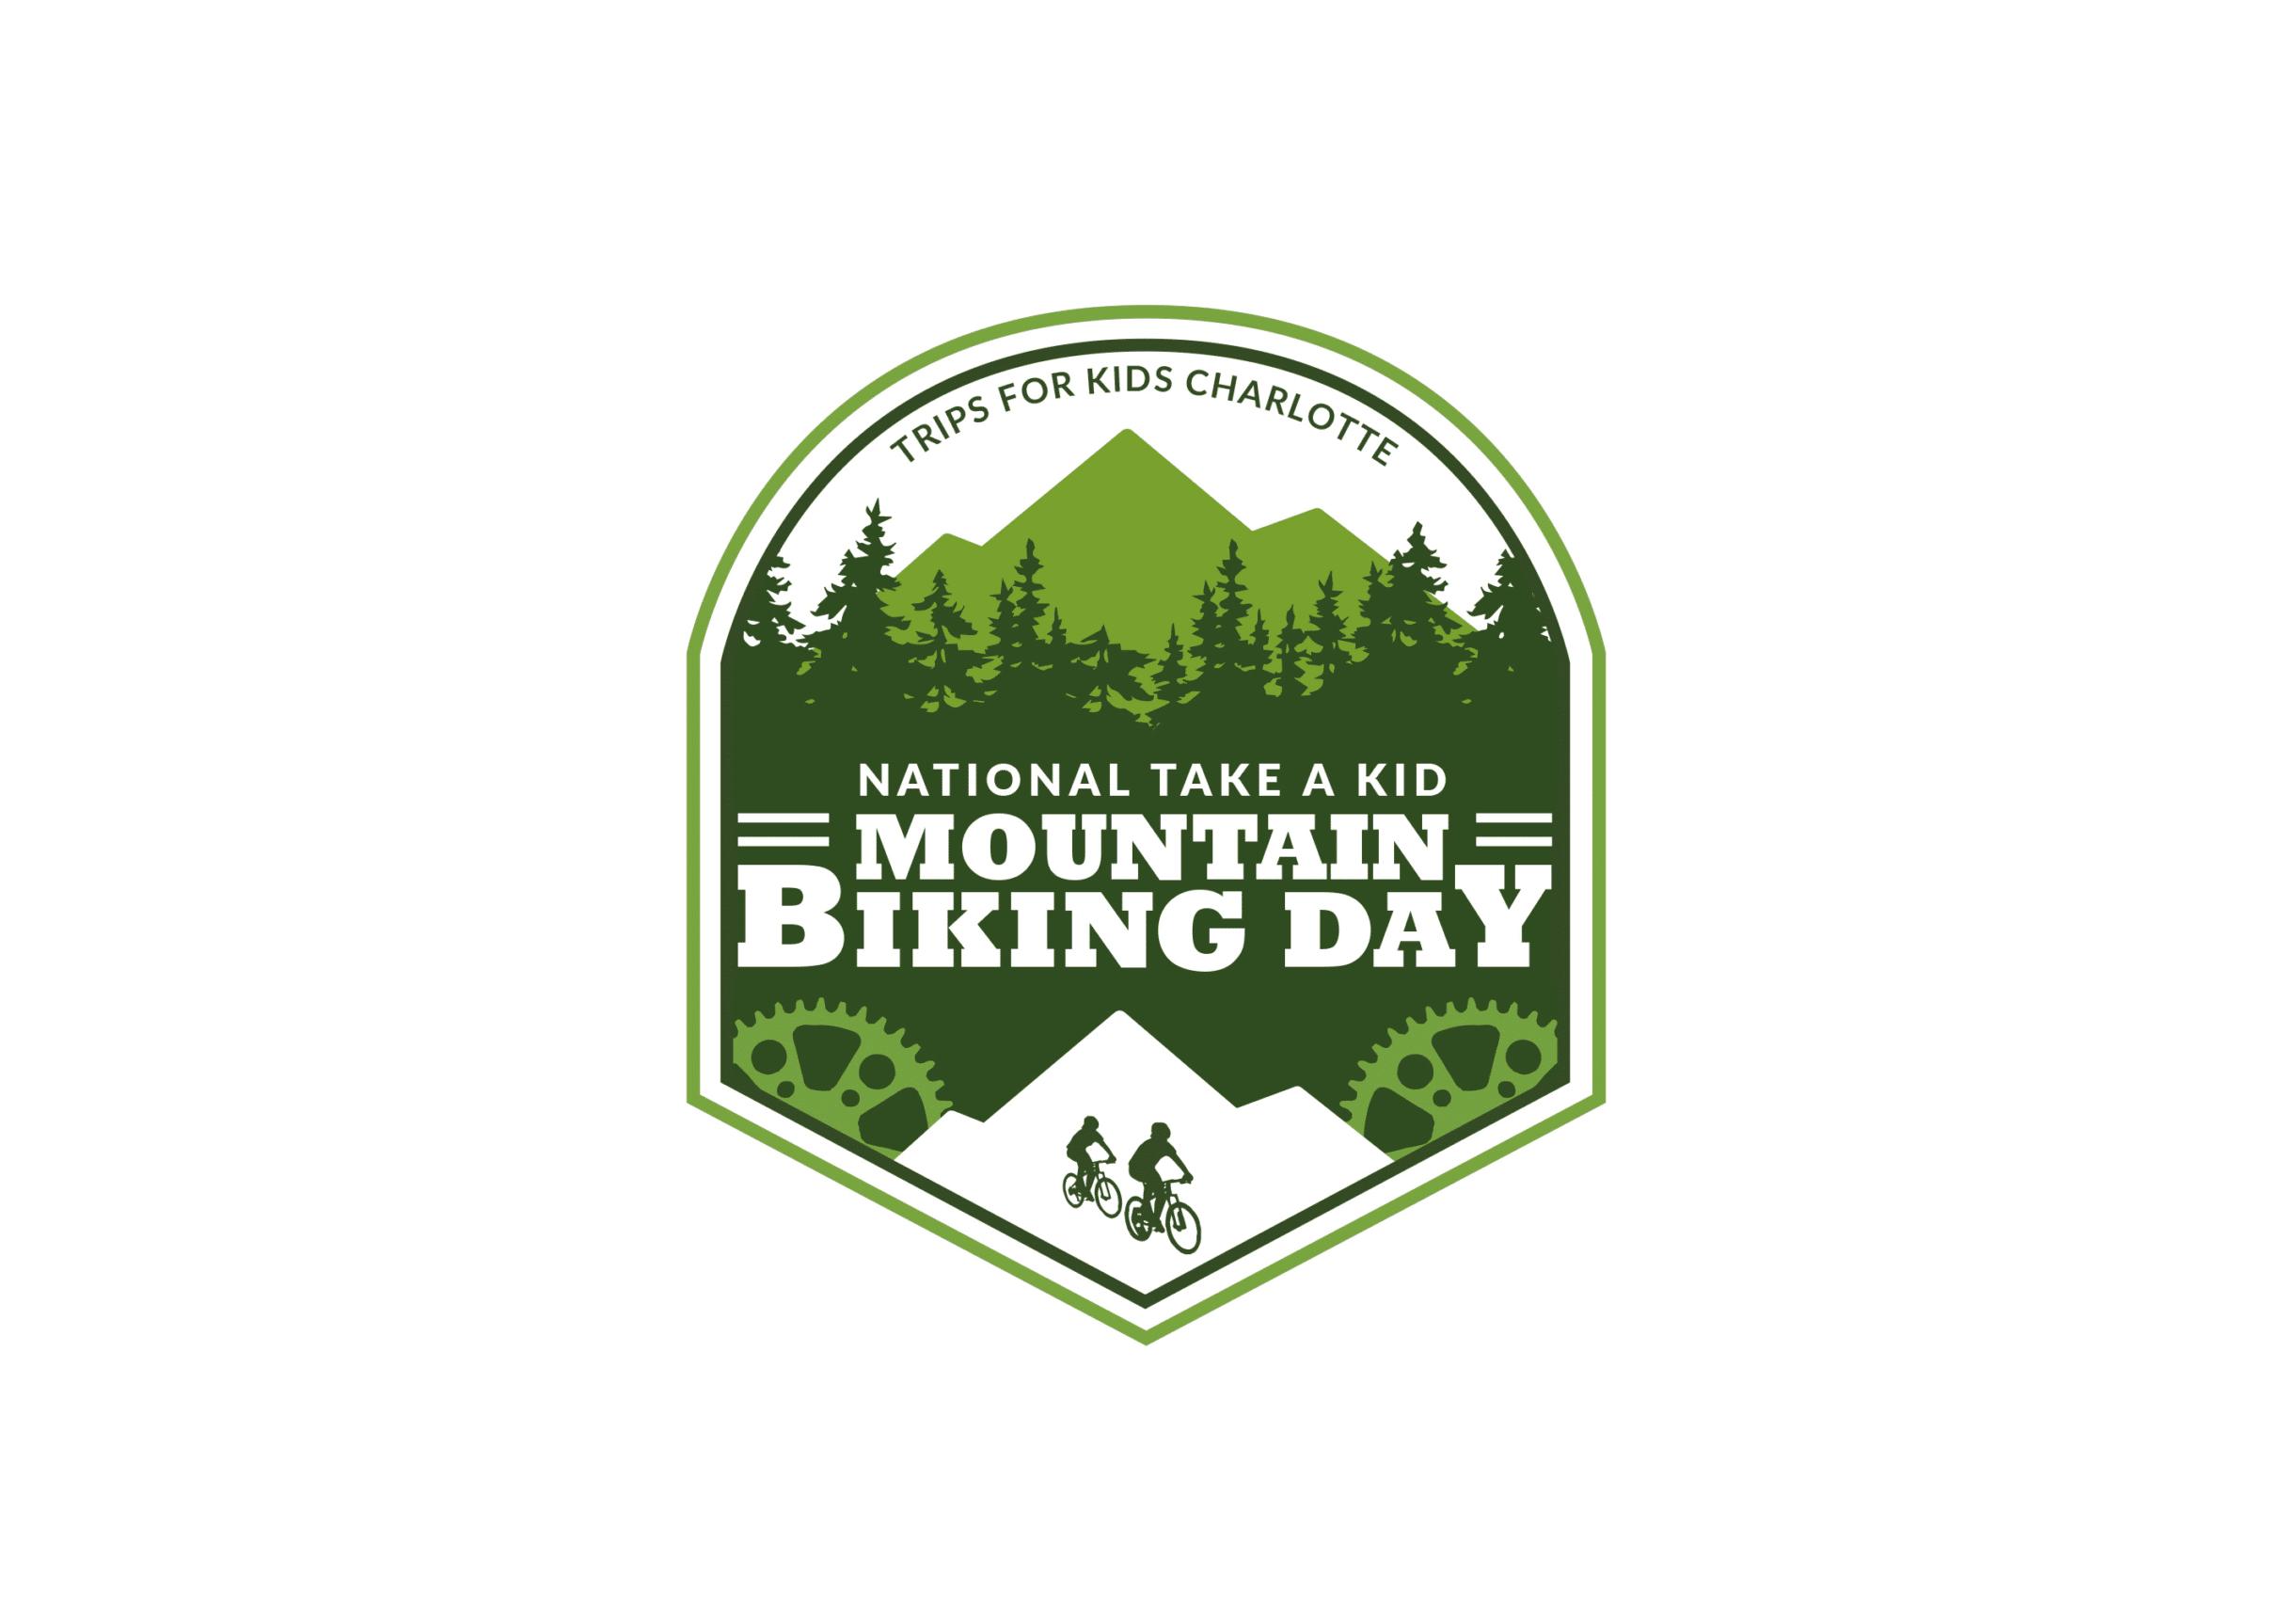 take a kid mountain biking day, takmbd, take a kid